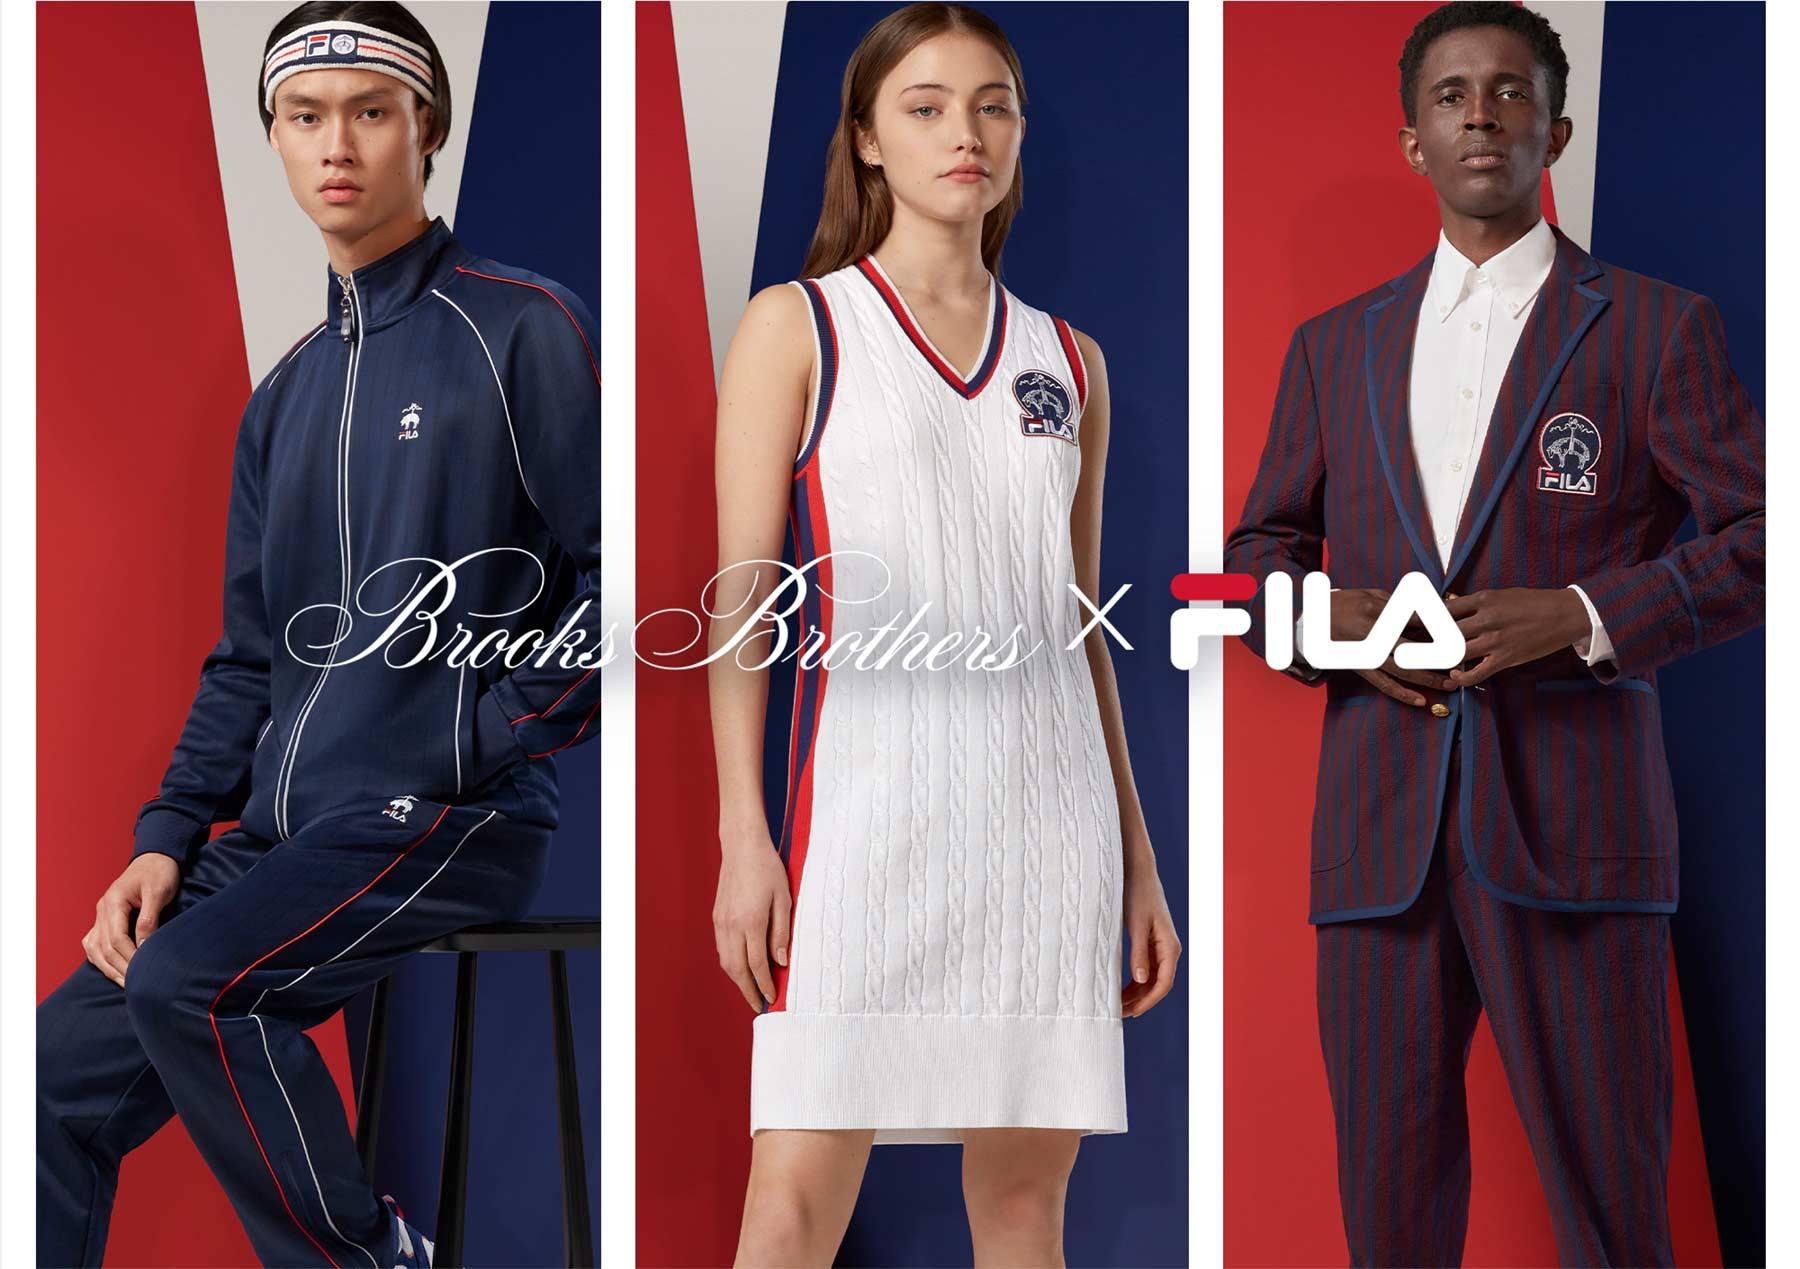 Brooks Brothers и Fila выпустили совместную коллекцию, вдохновленную теннисом (фото 2)